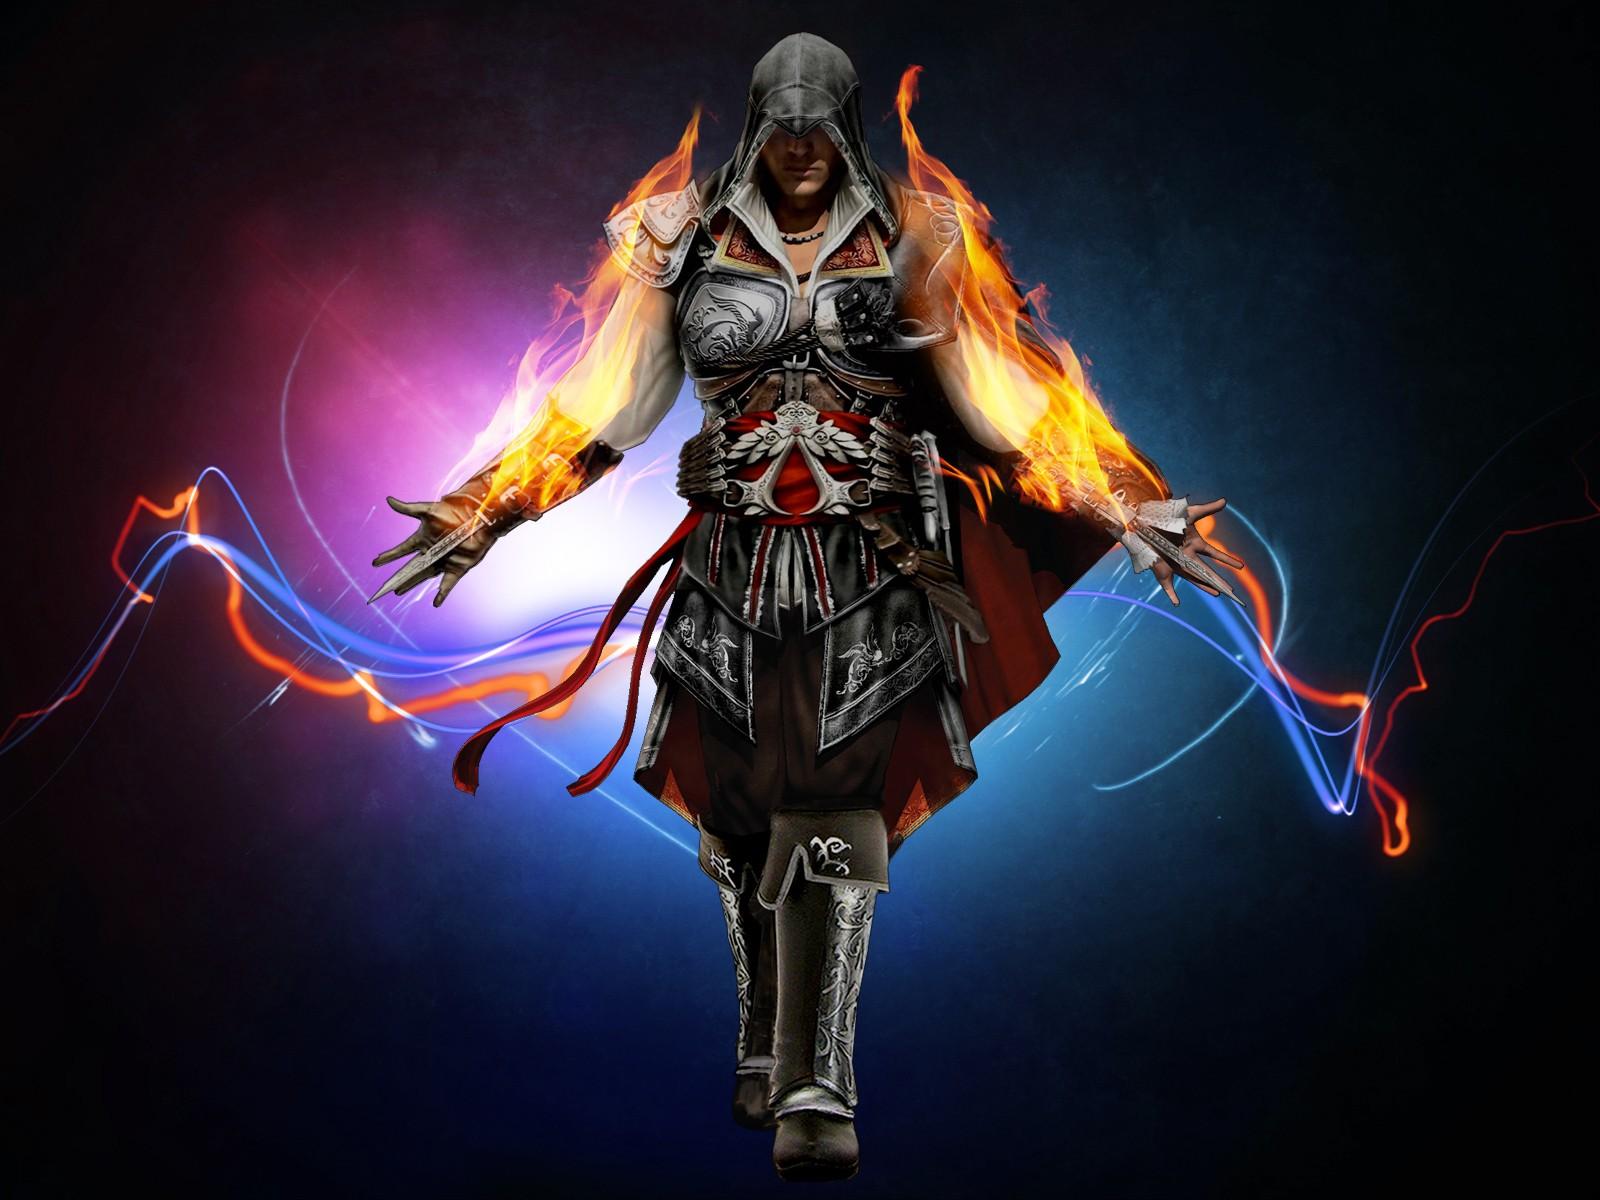 Wallpaper Illustration Digital Art Video Games Assassin S